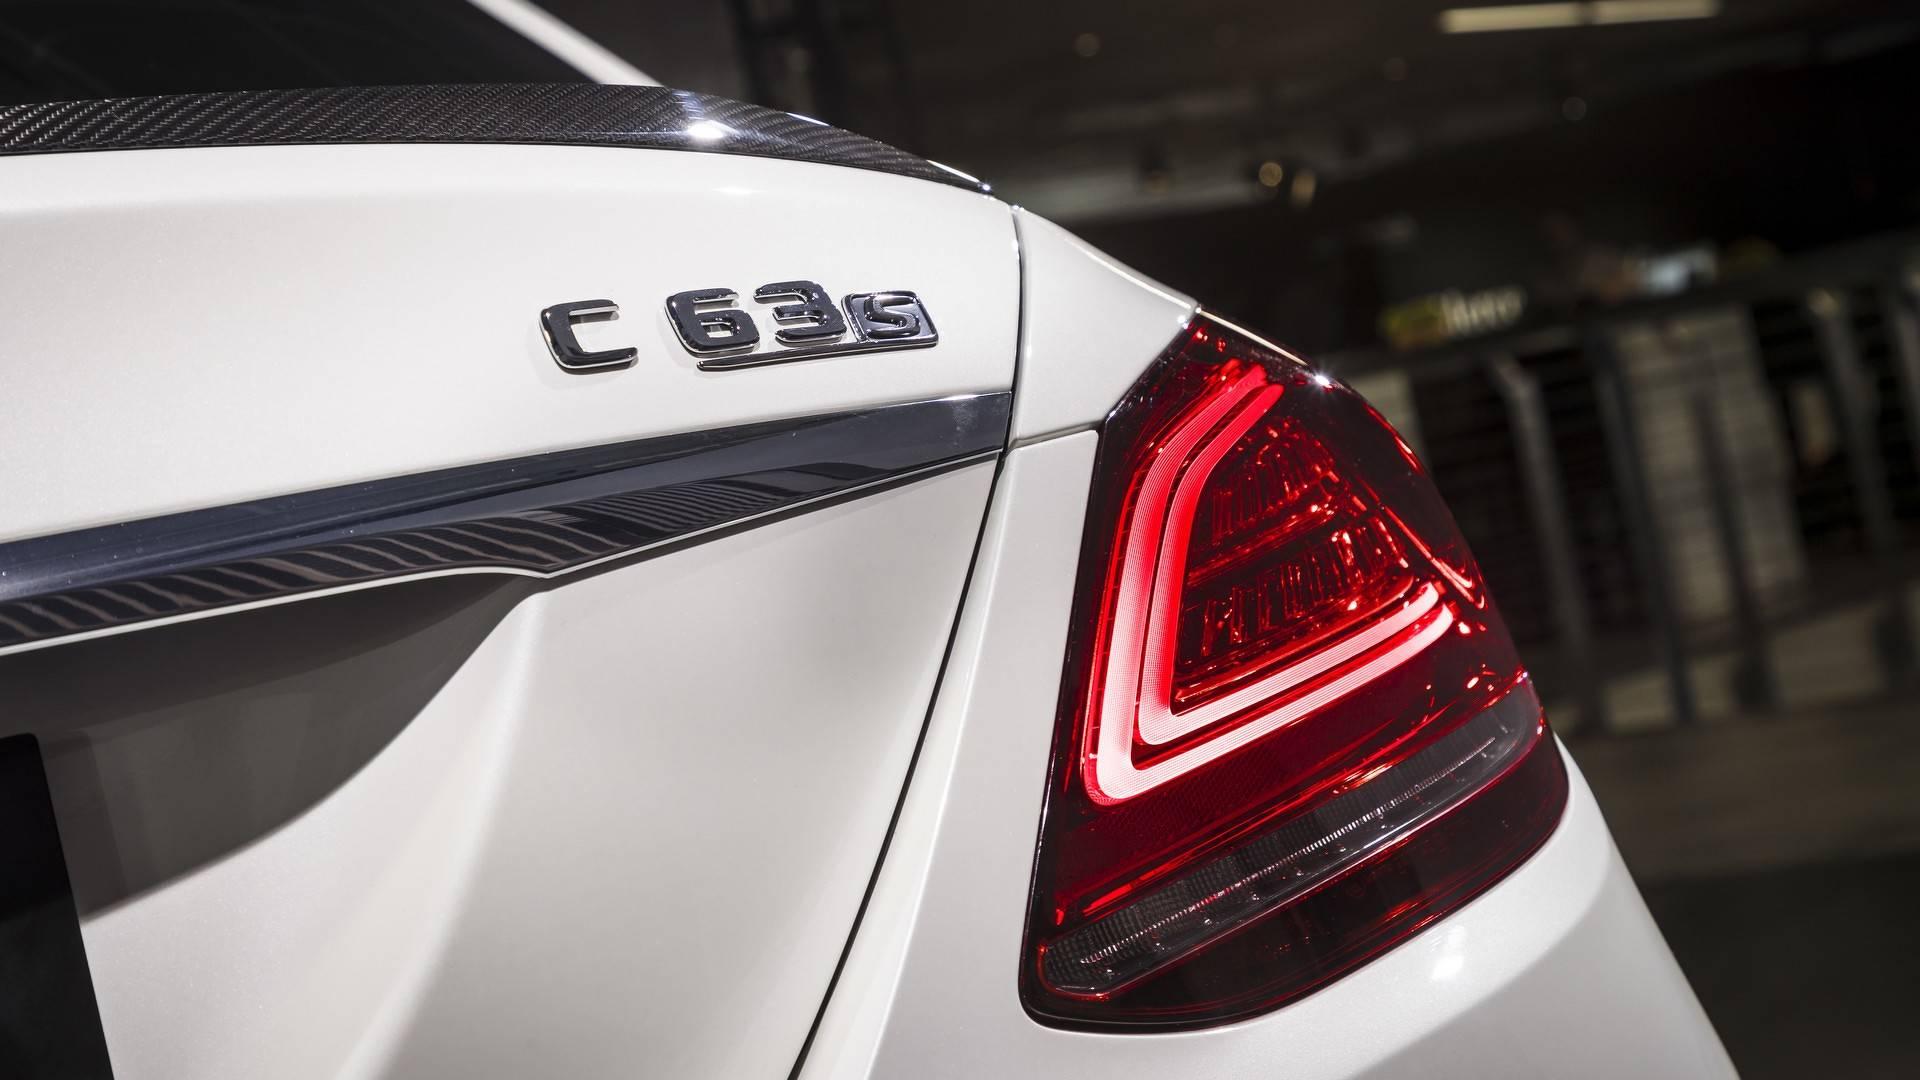 取消大排量V8发动机 全新AMG C 63或将搭载4缸发动机